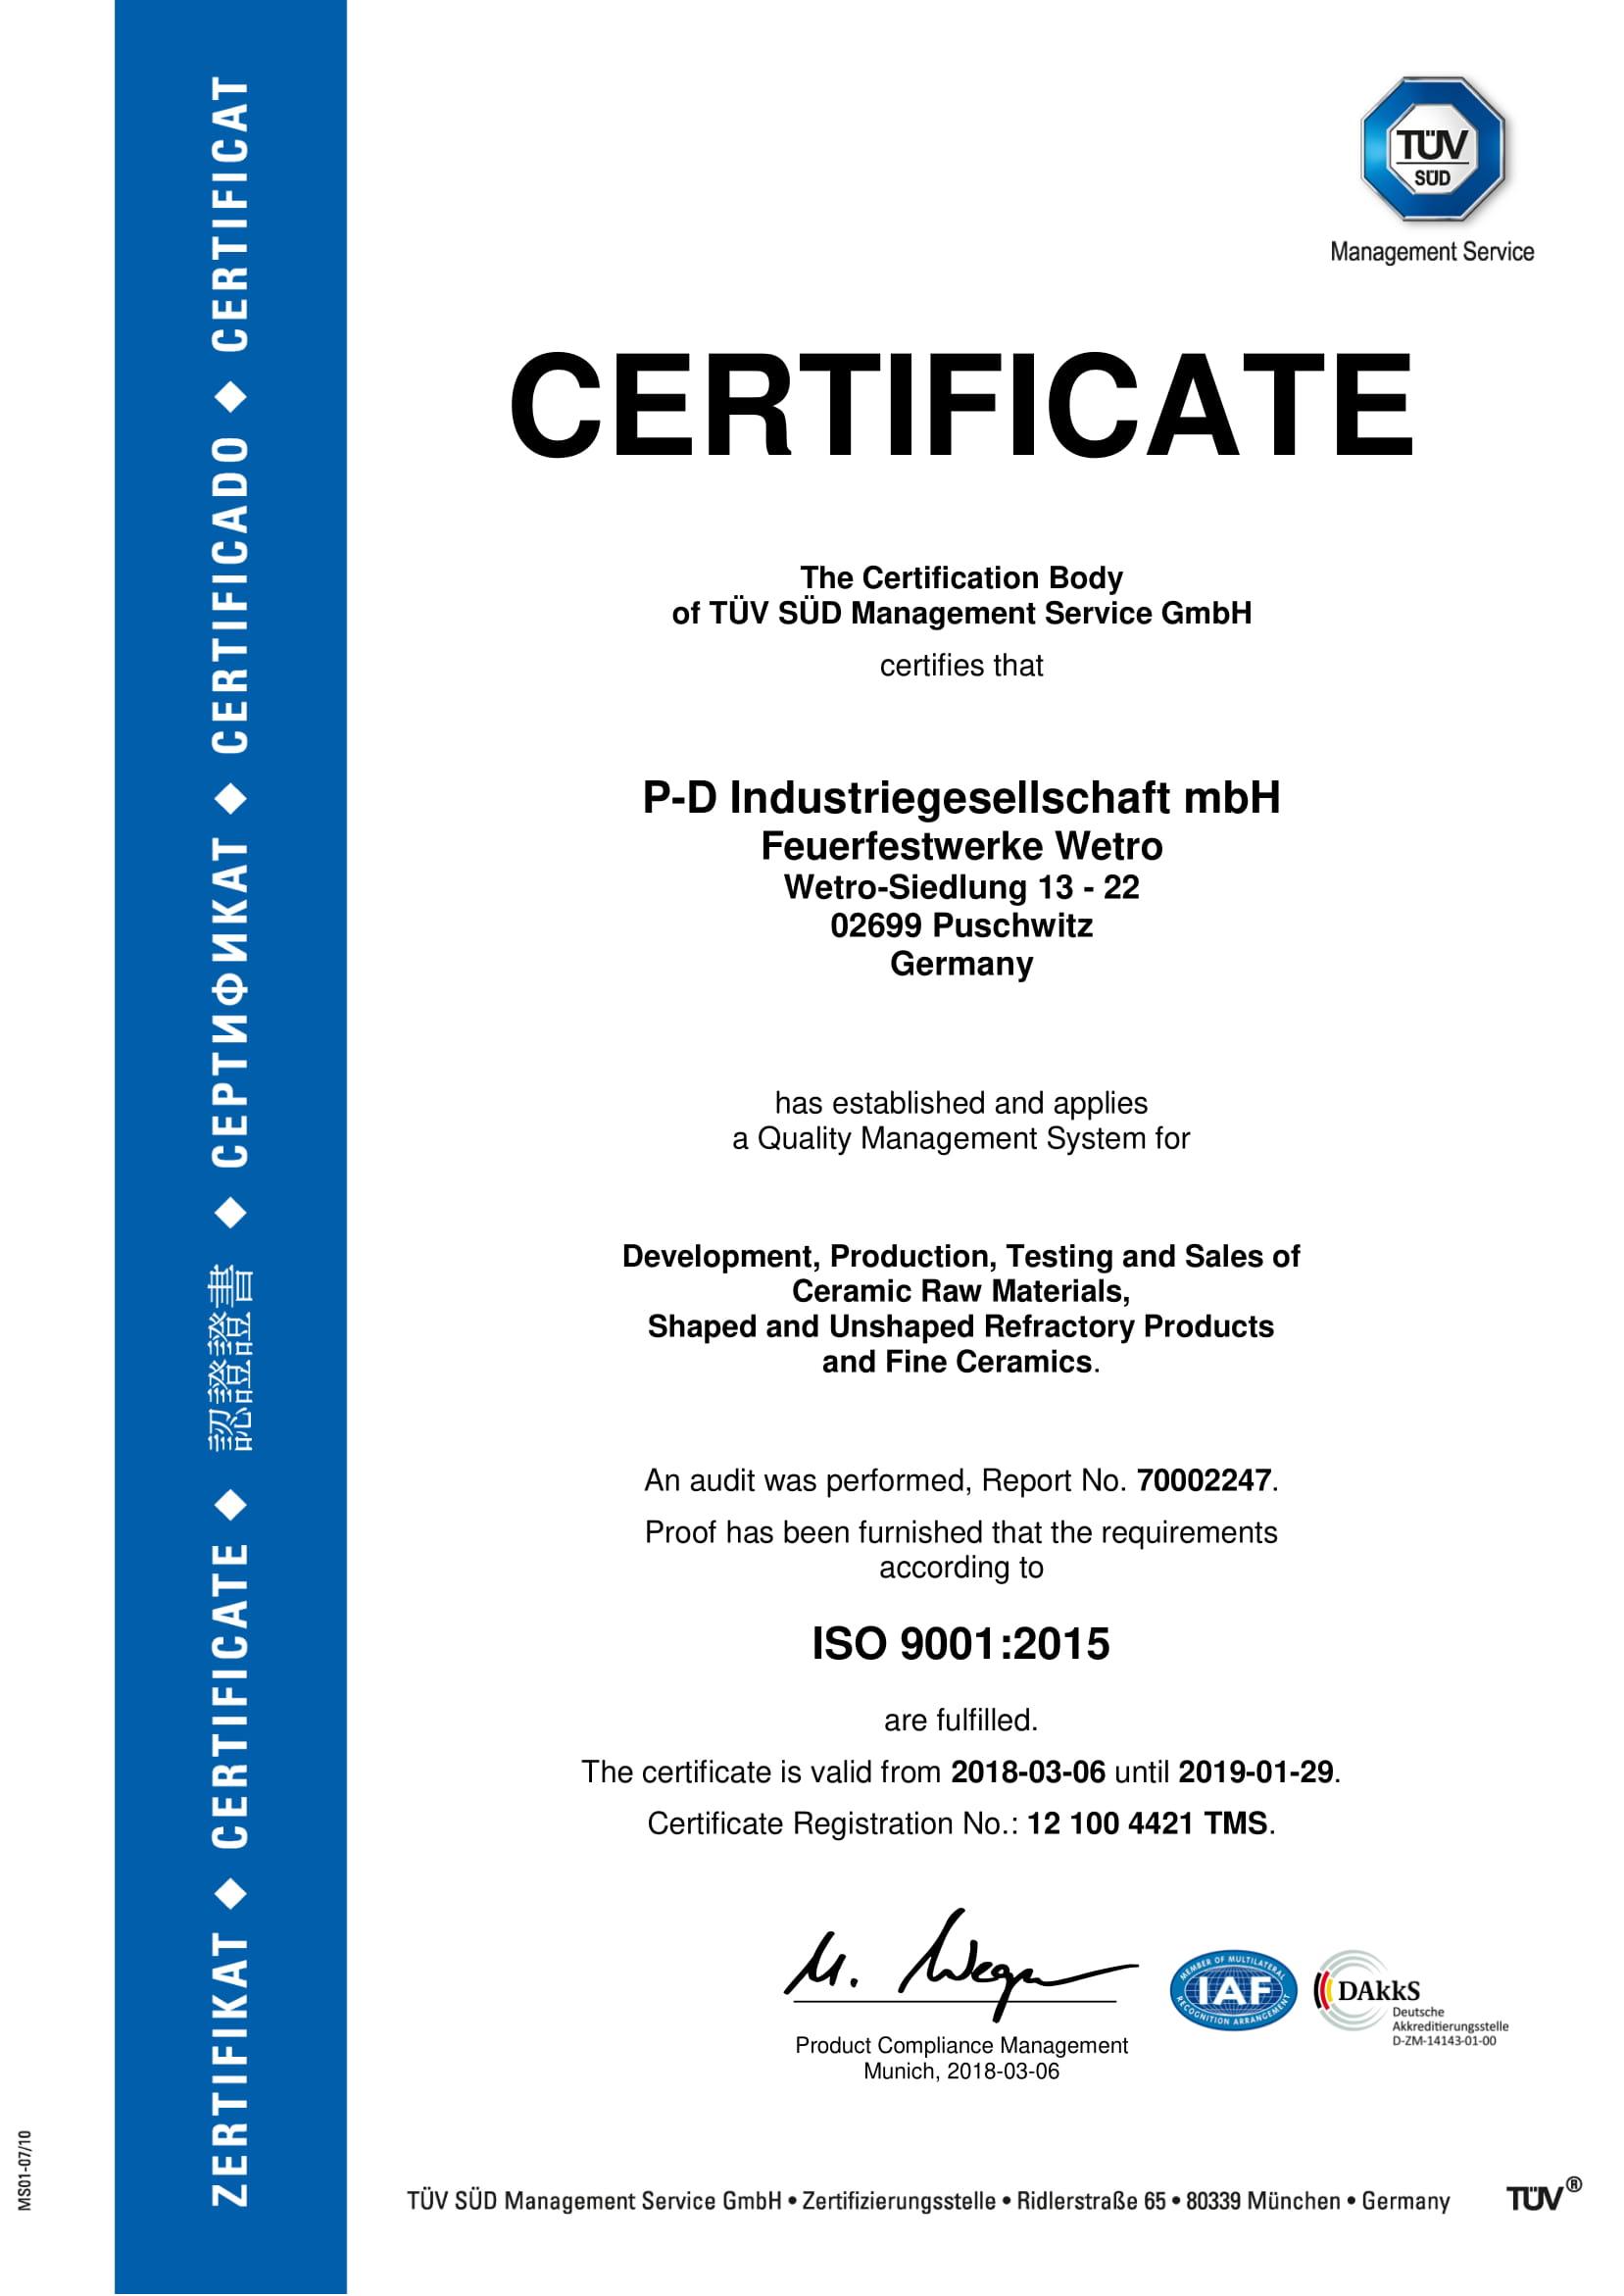 P-D Industriegesellschaft mbH, Feuerfestwerke Wetro · ISO 9001:2015